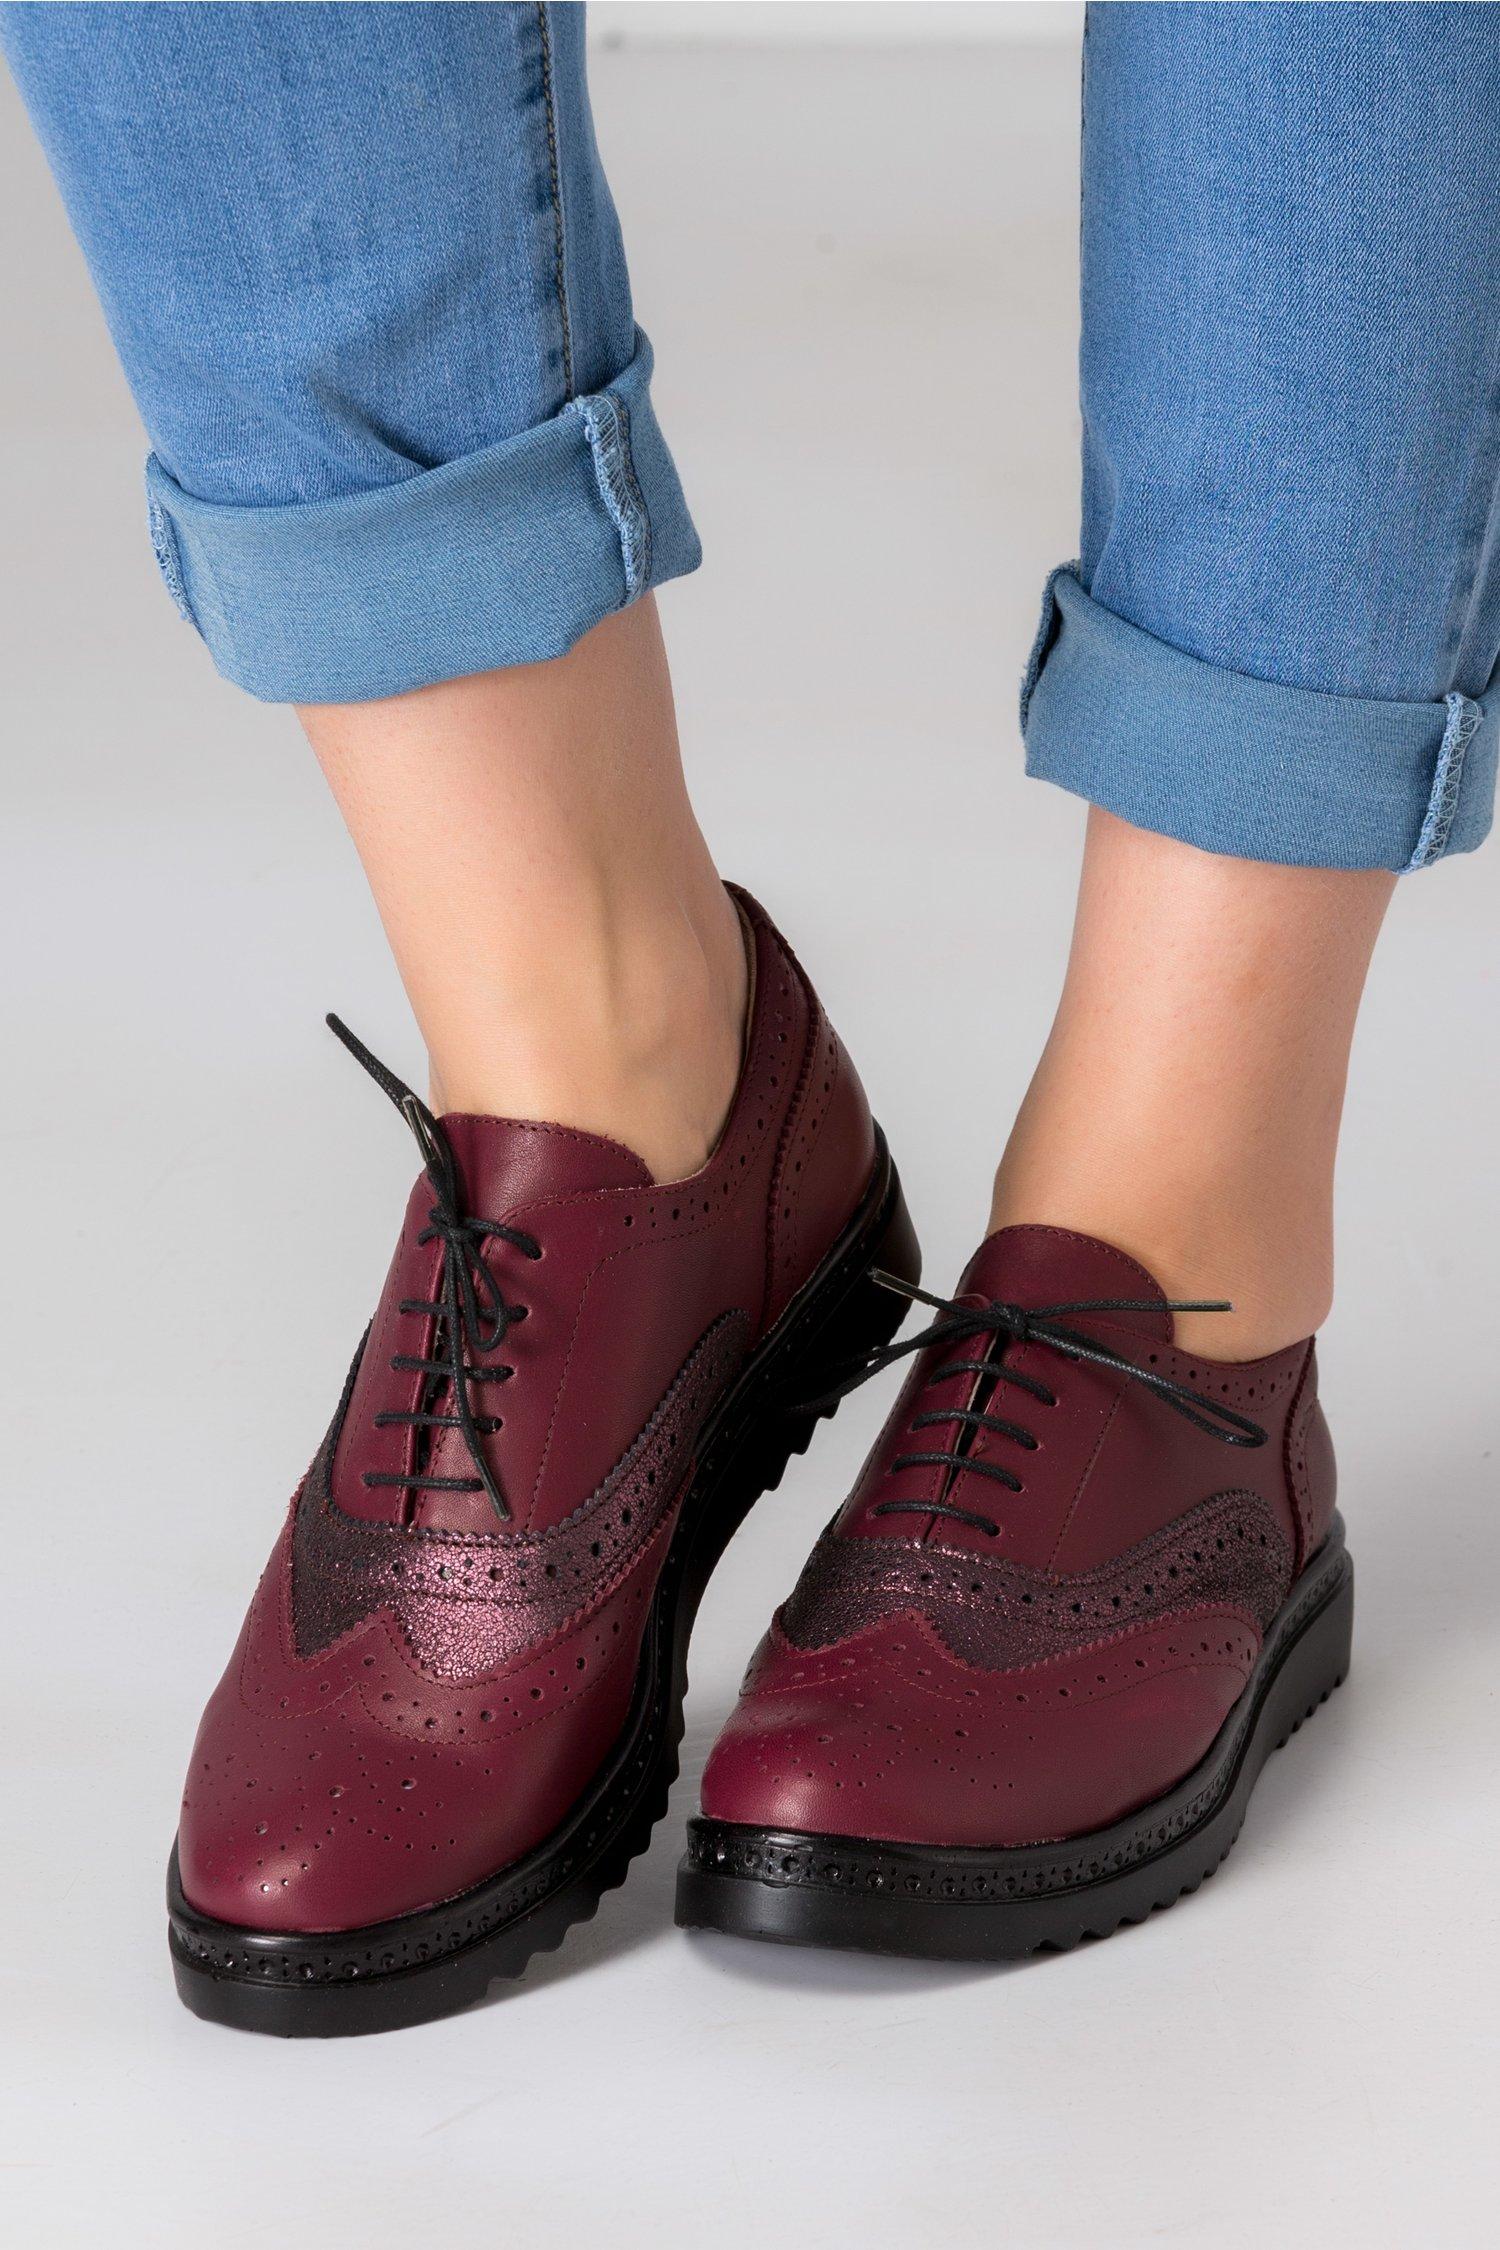 Pantofi Cezara bordo cu detalii sidefate